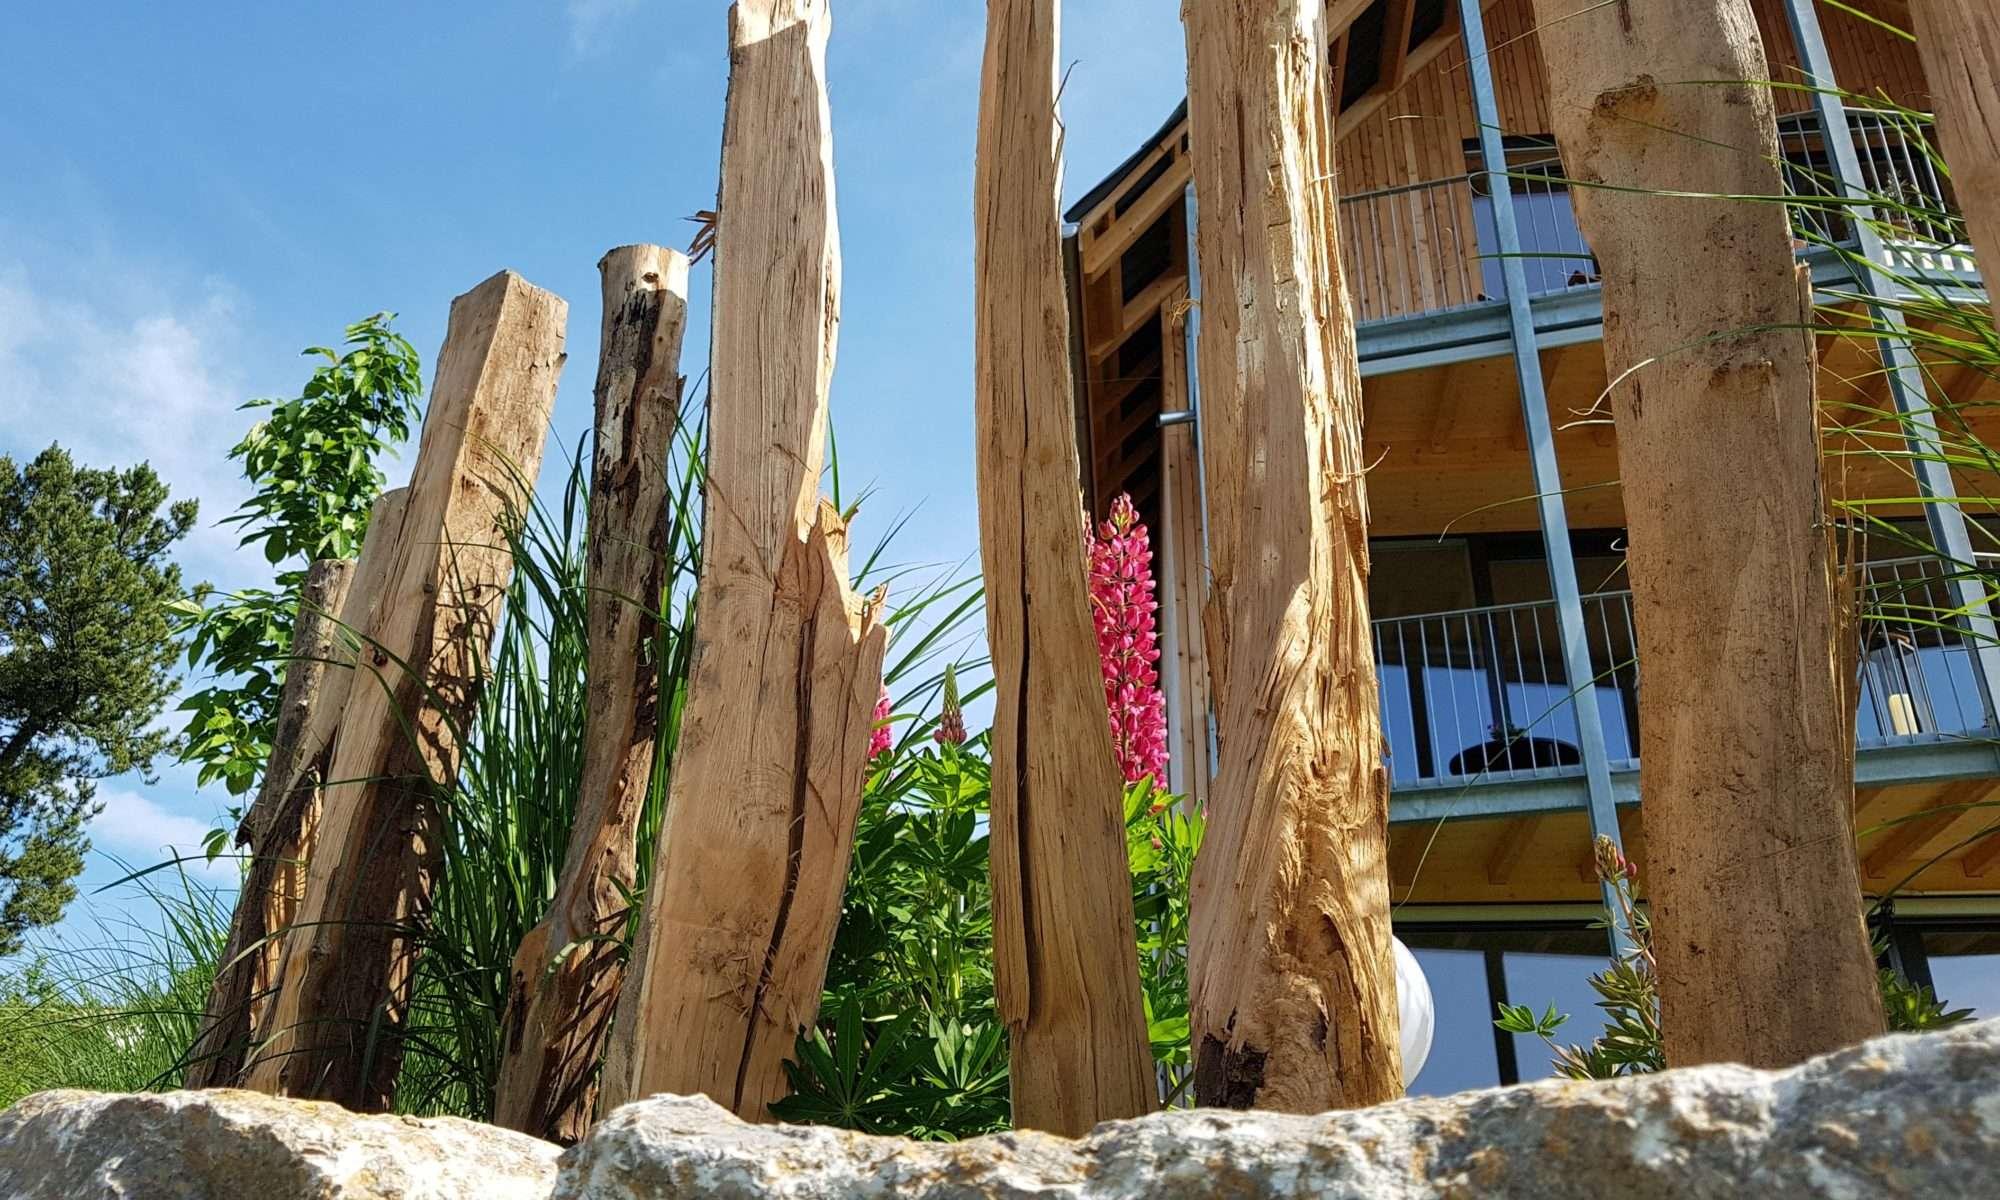 Wermuth Gartengestaltung & Pflege